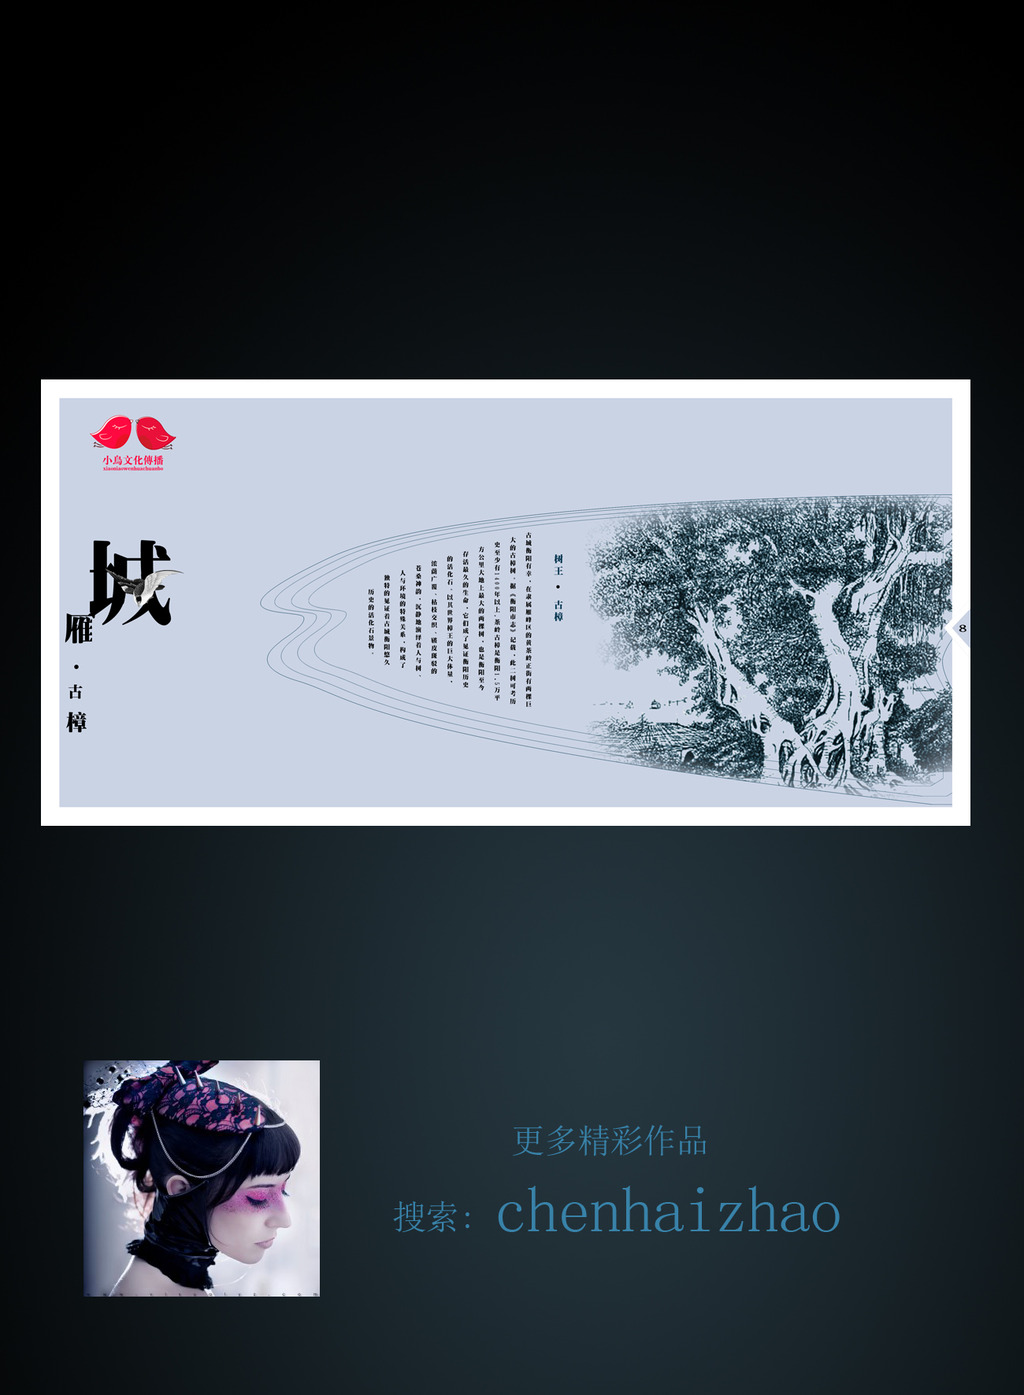 企业树木背景海报模板下载(图片编号:12542962)